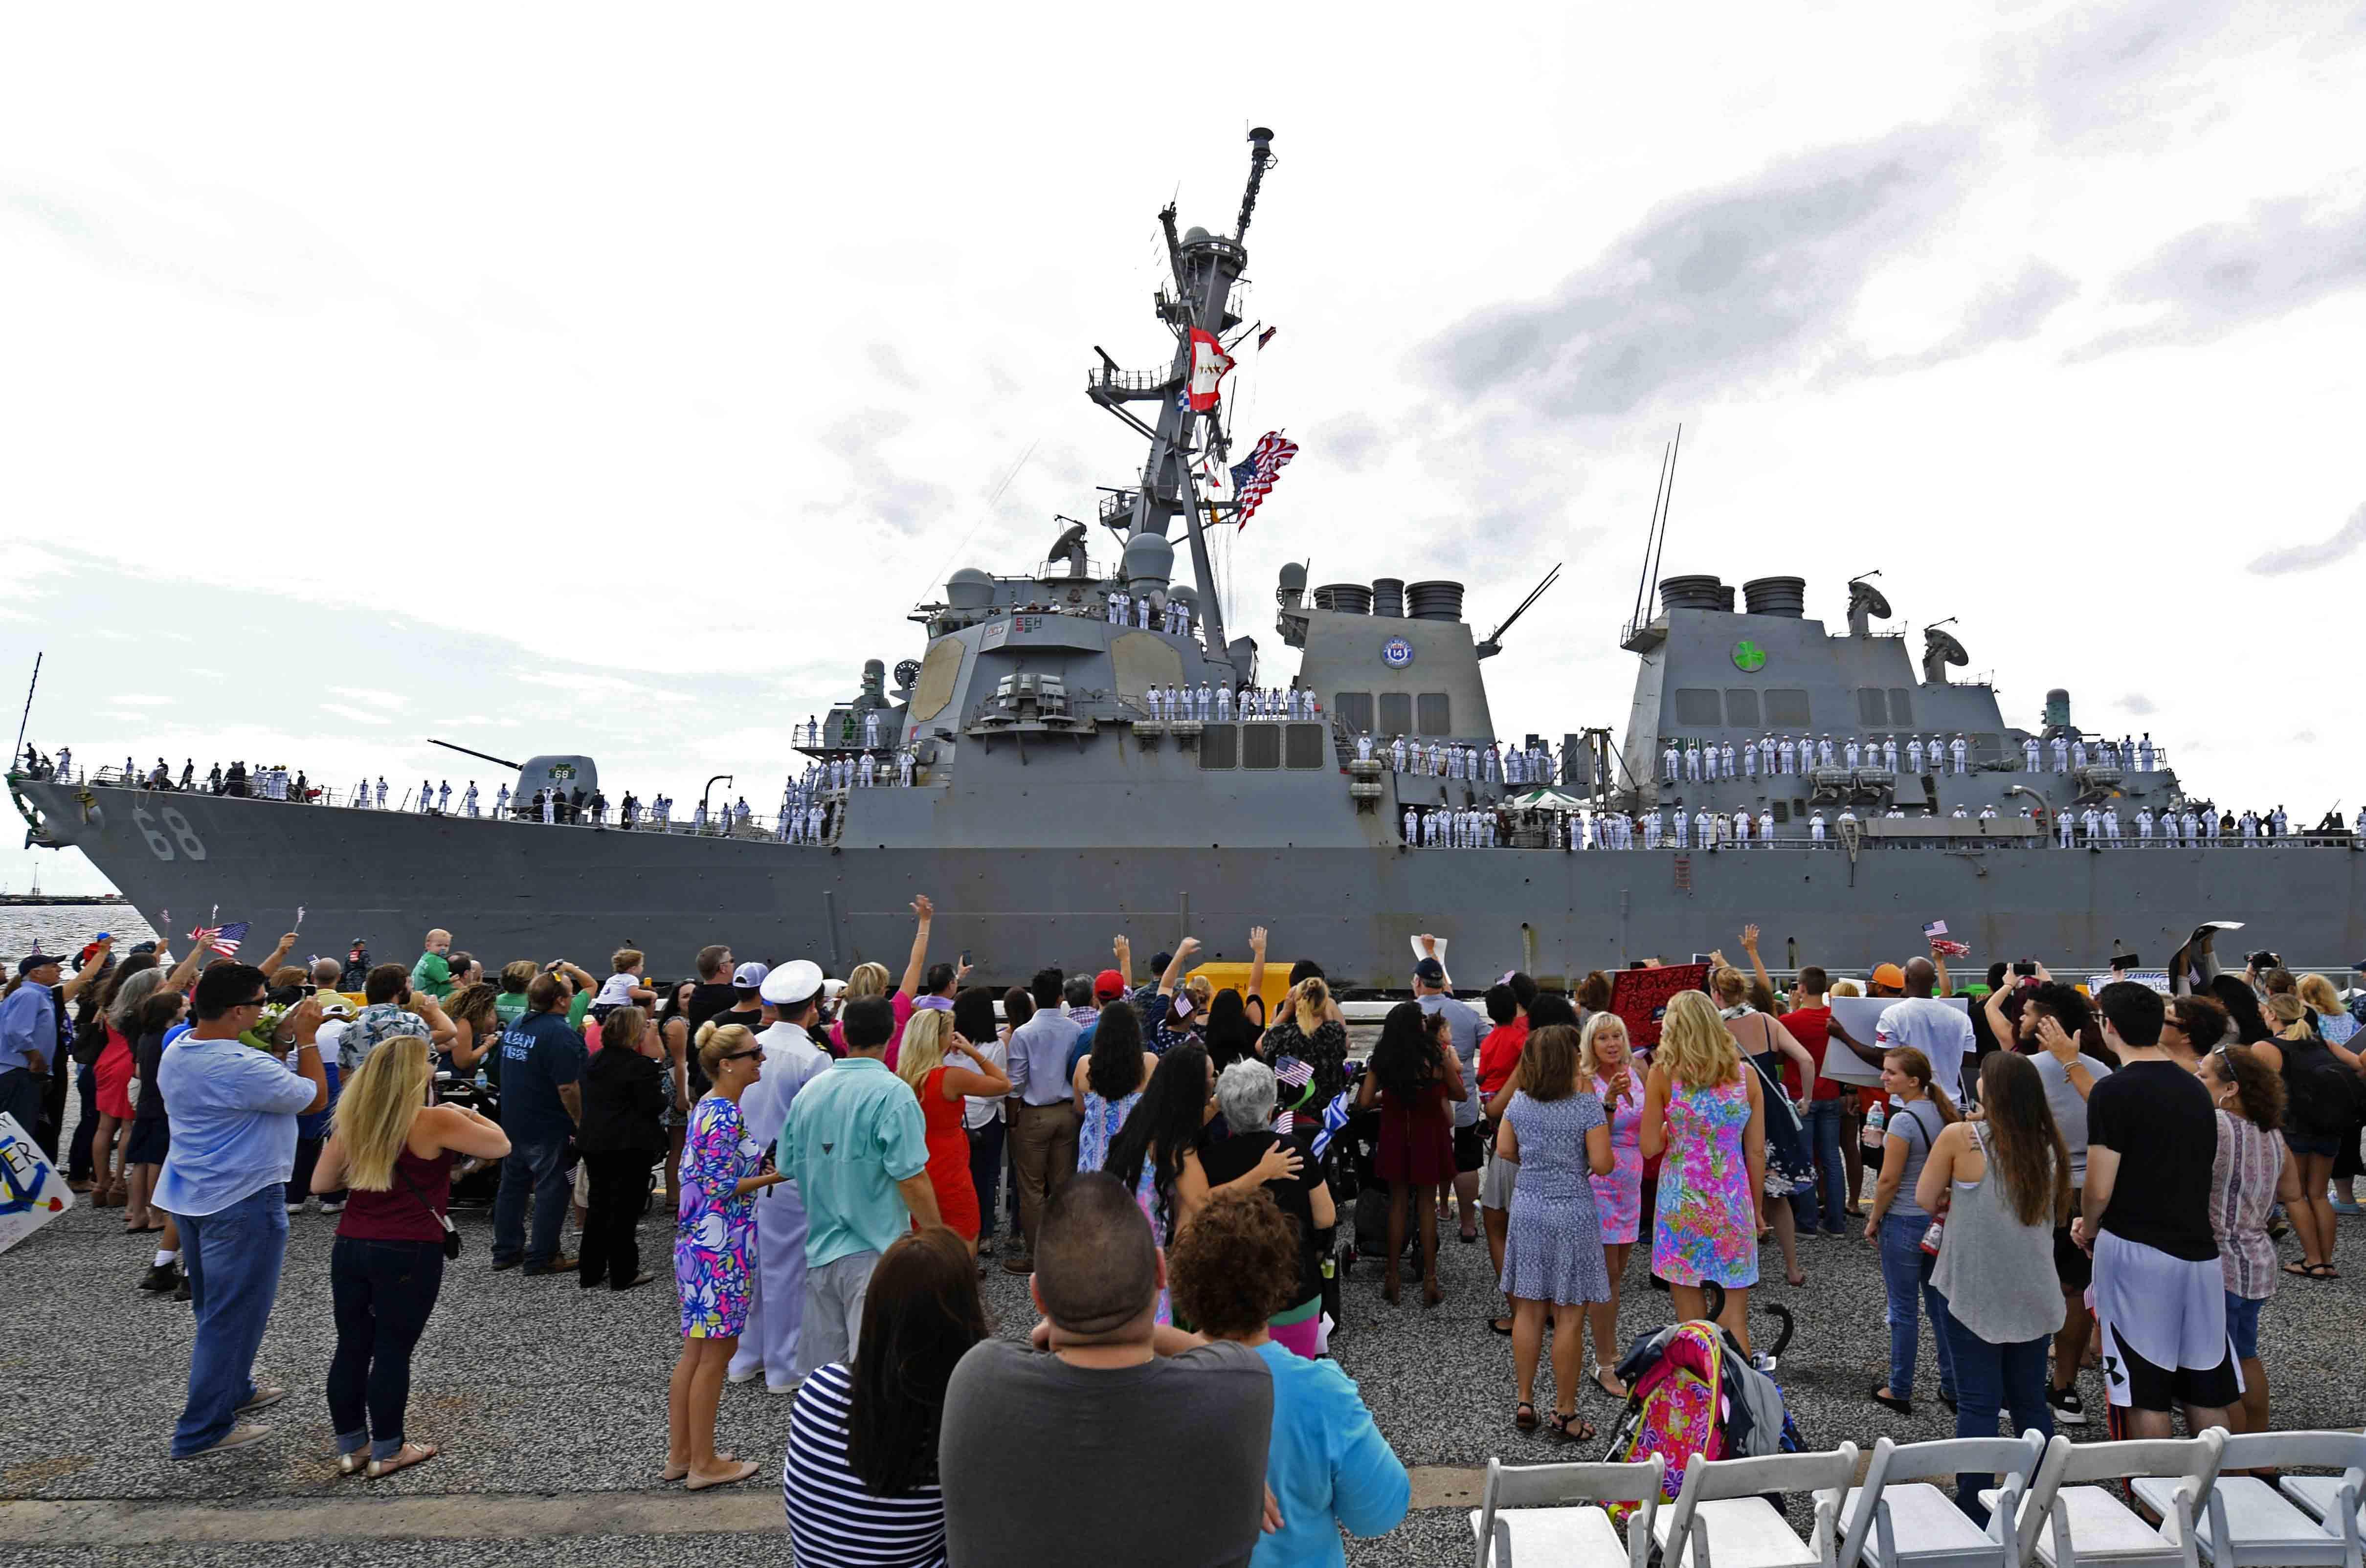 USS THE SULLIVANS DDG-68 Einlaufen Mayport am 04.09.2016 Bild: U.S. Navy